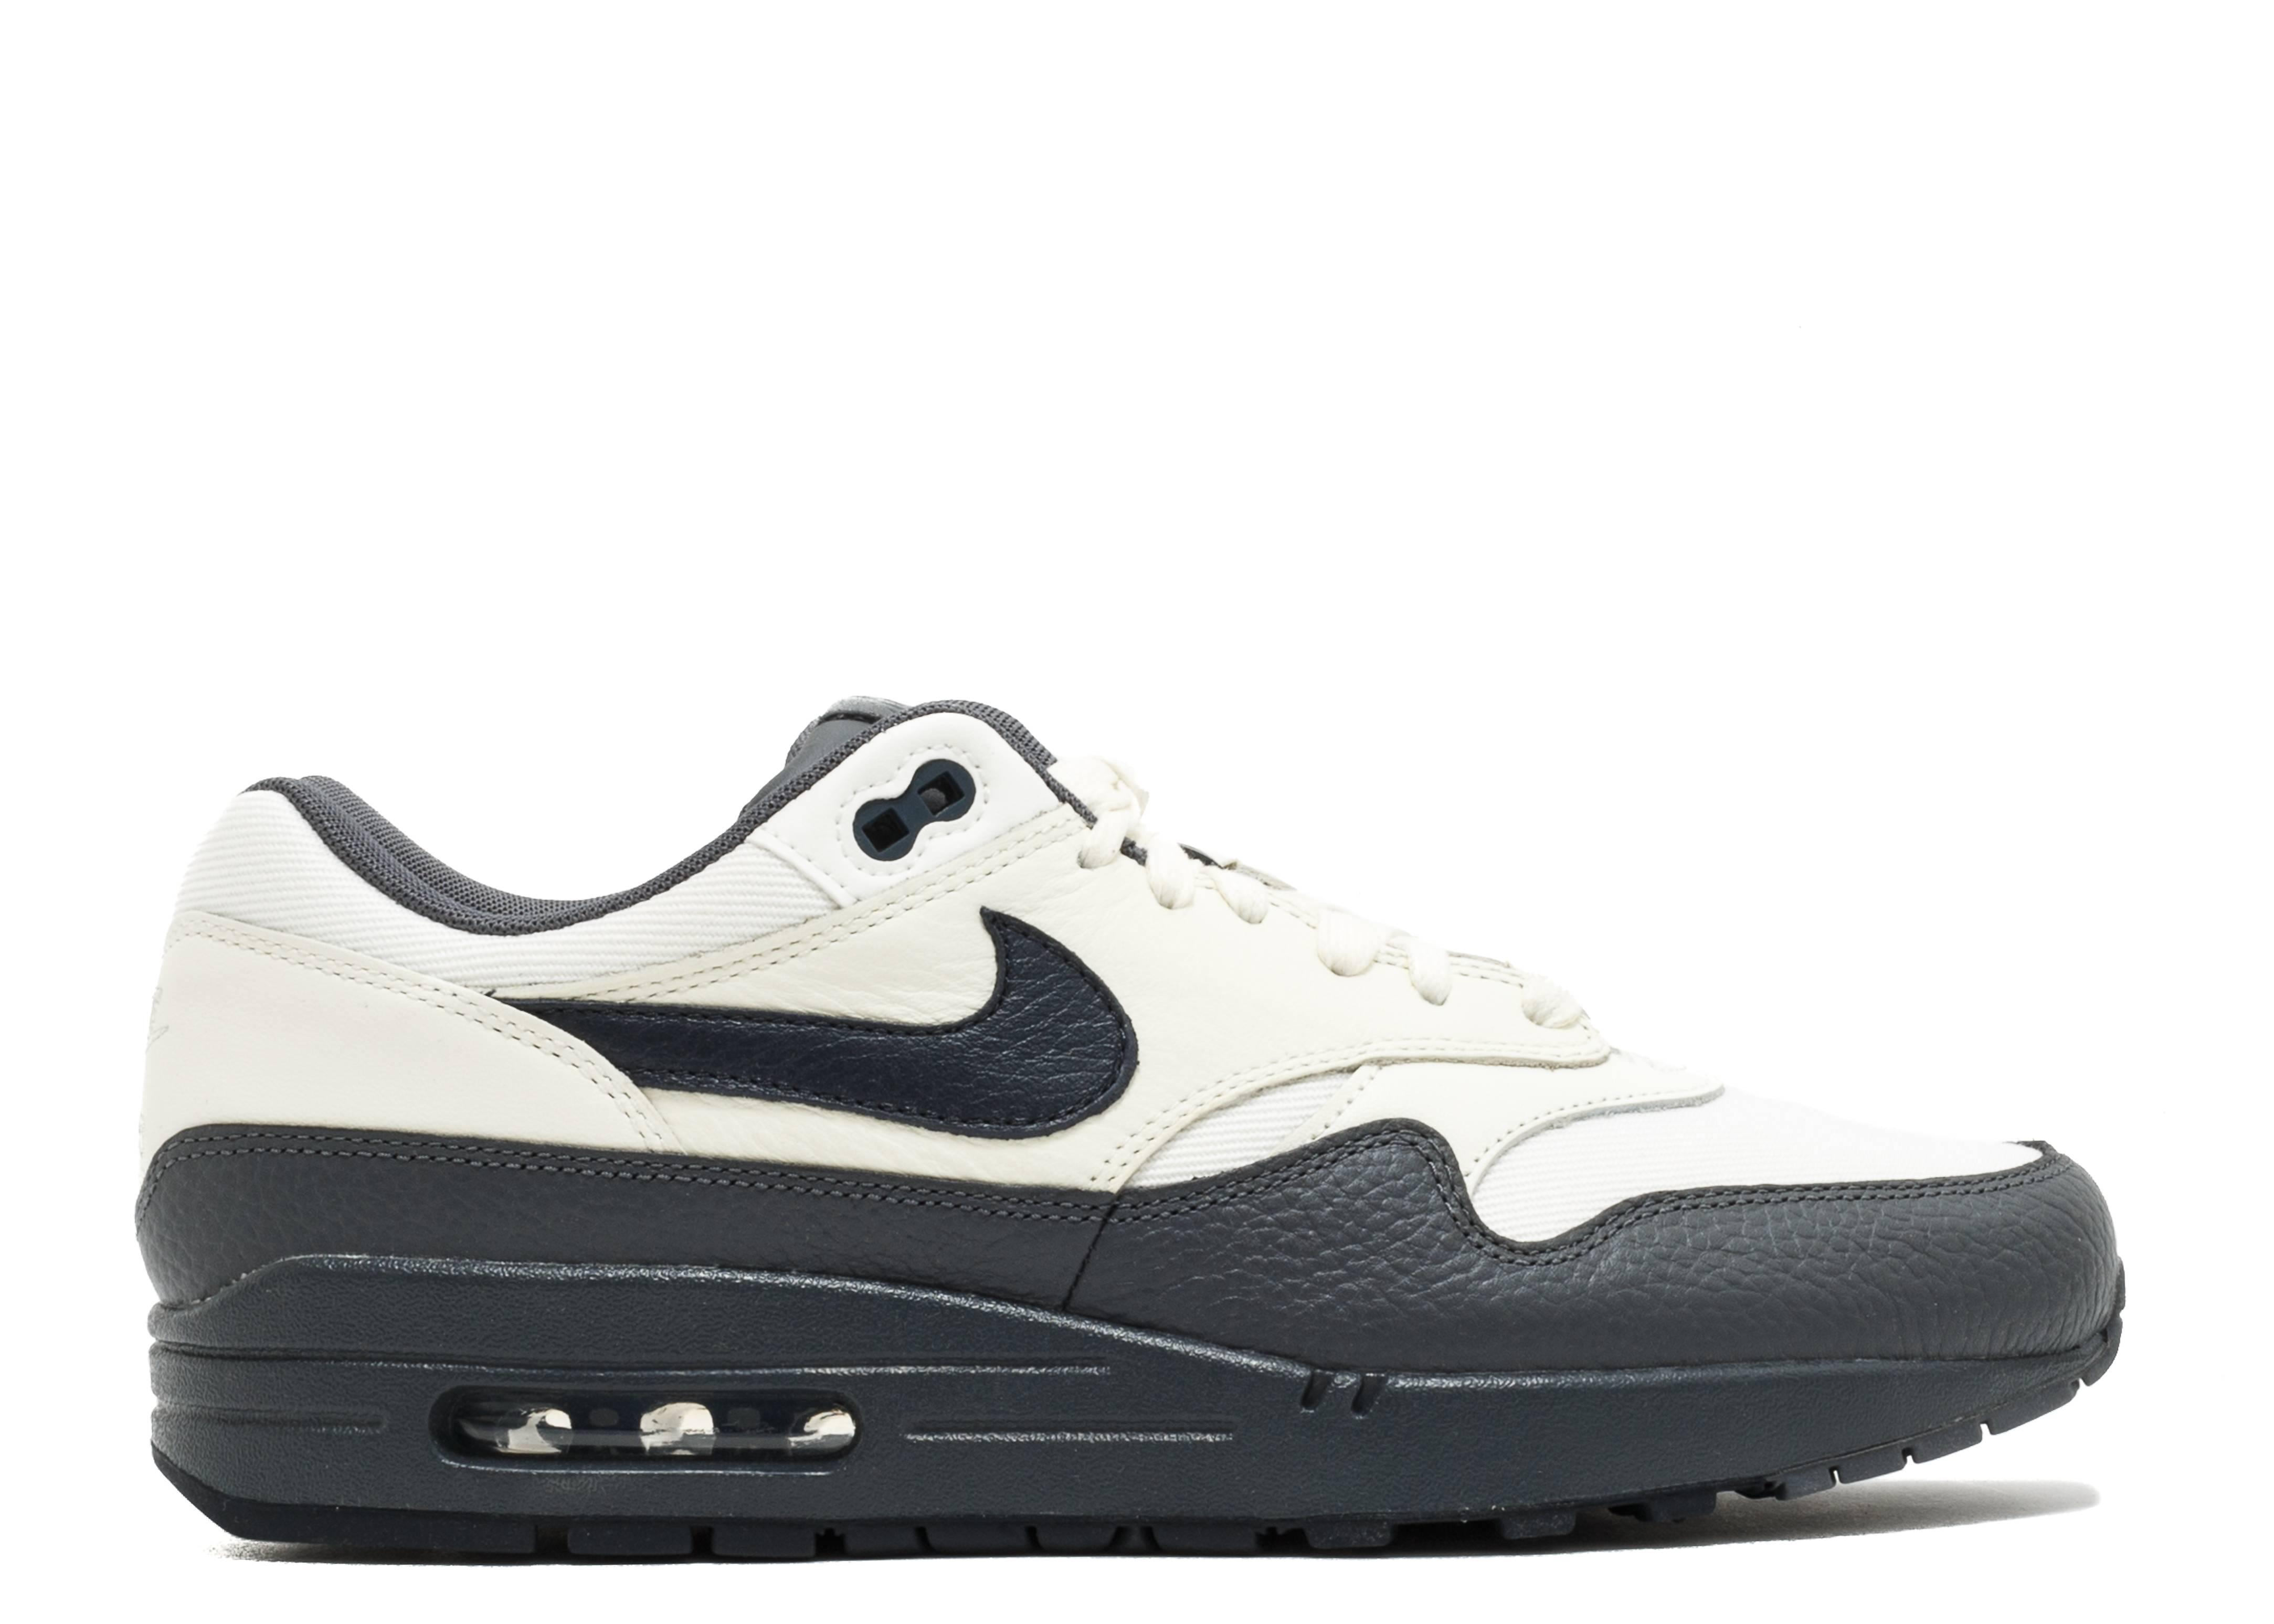 Air Max 1 Premium - Nike - 875844 100 - sail dark obsidian-dark grey ... 0cc015b14e